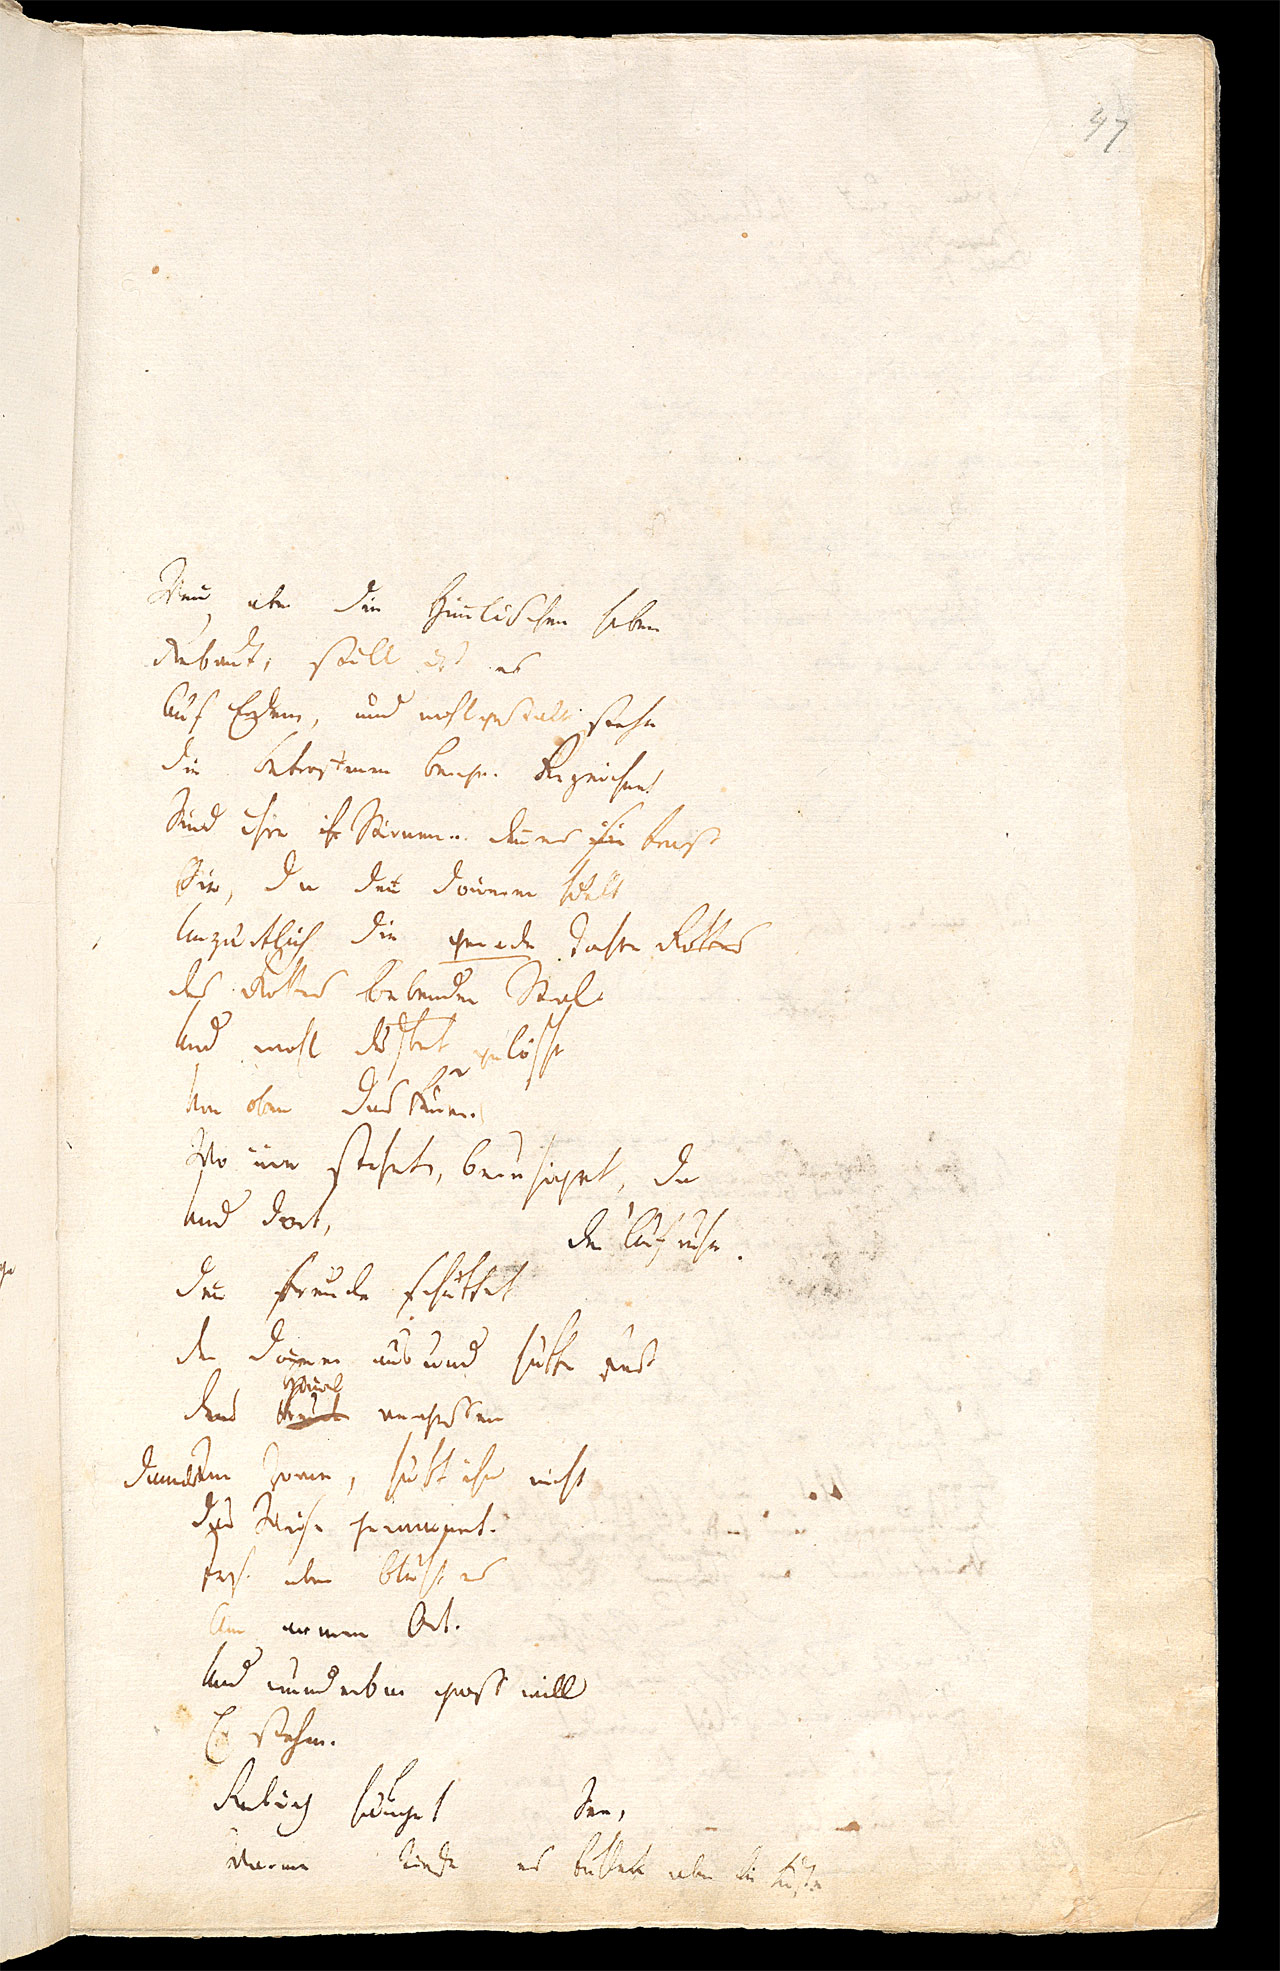 Friedrich Hölderlin, Homburger Folioheft, Seite 47, Wenn aber die Himmlischen…, Handschrift